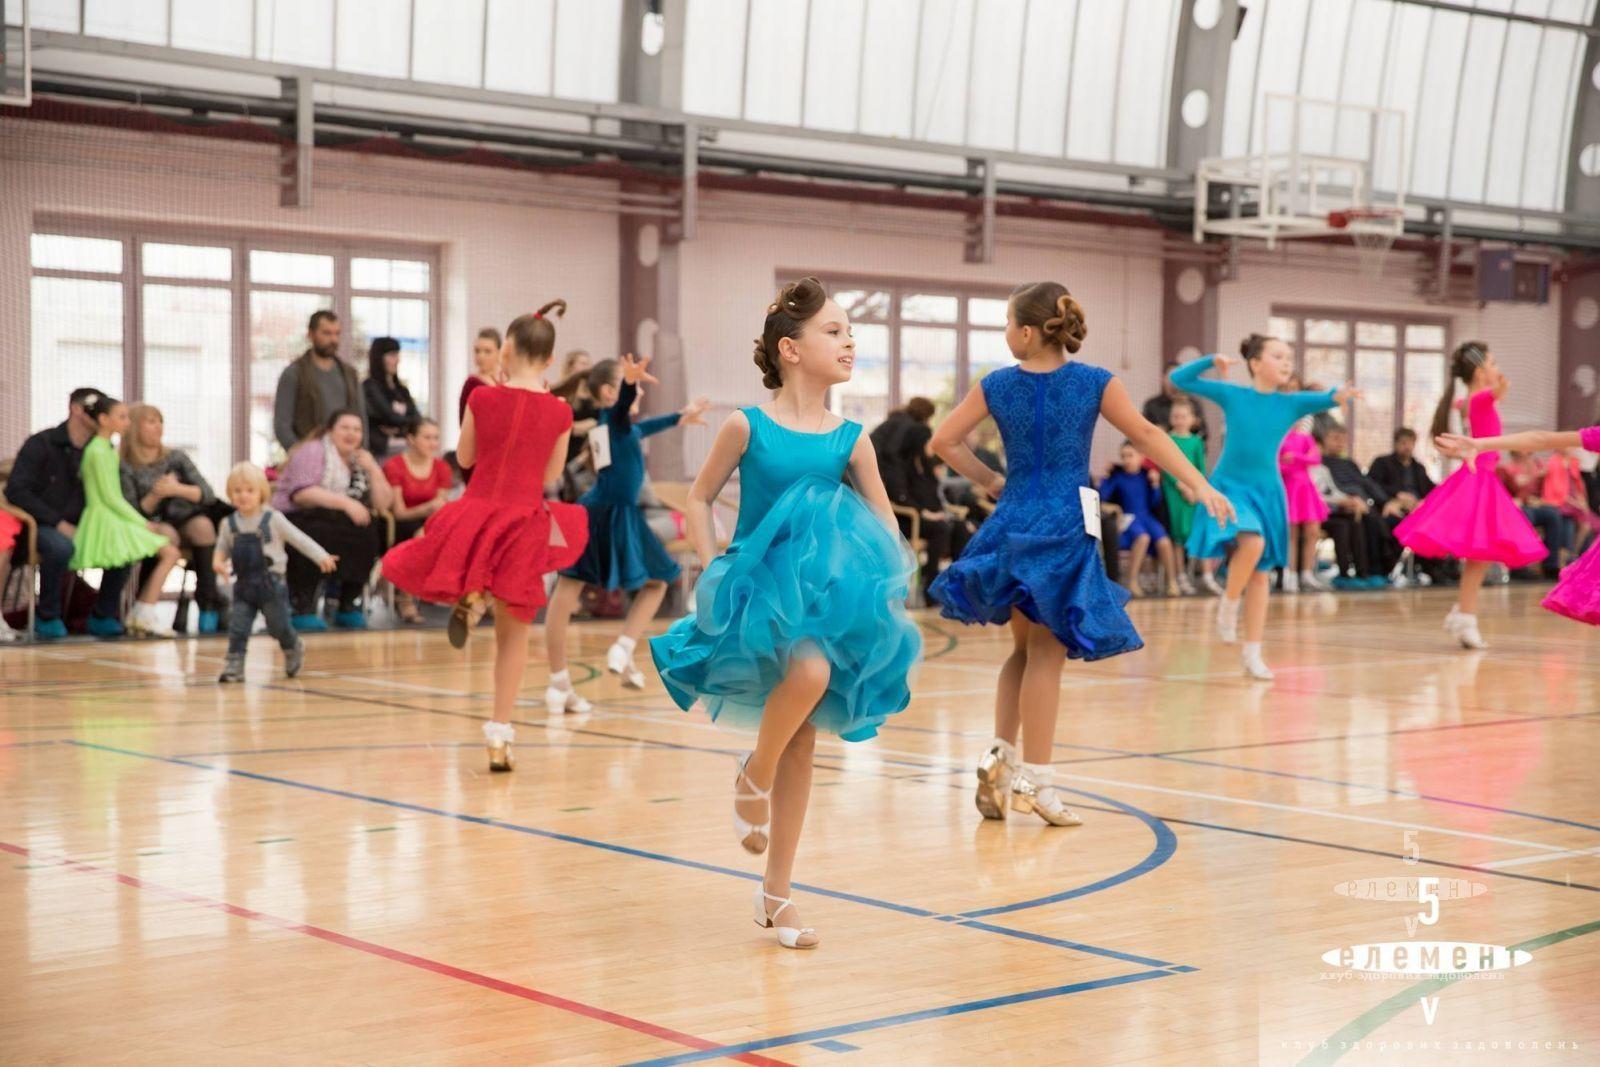 Открытые соревнования по бальным танцам— фитнес-клуб 5 элемент